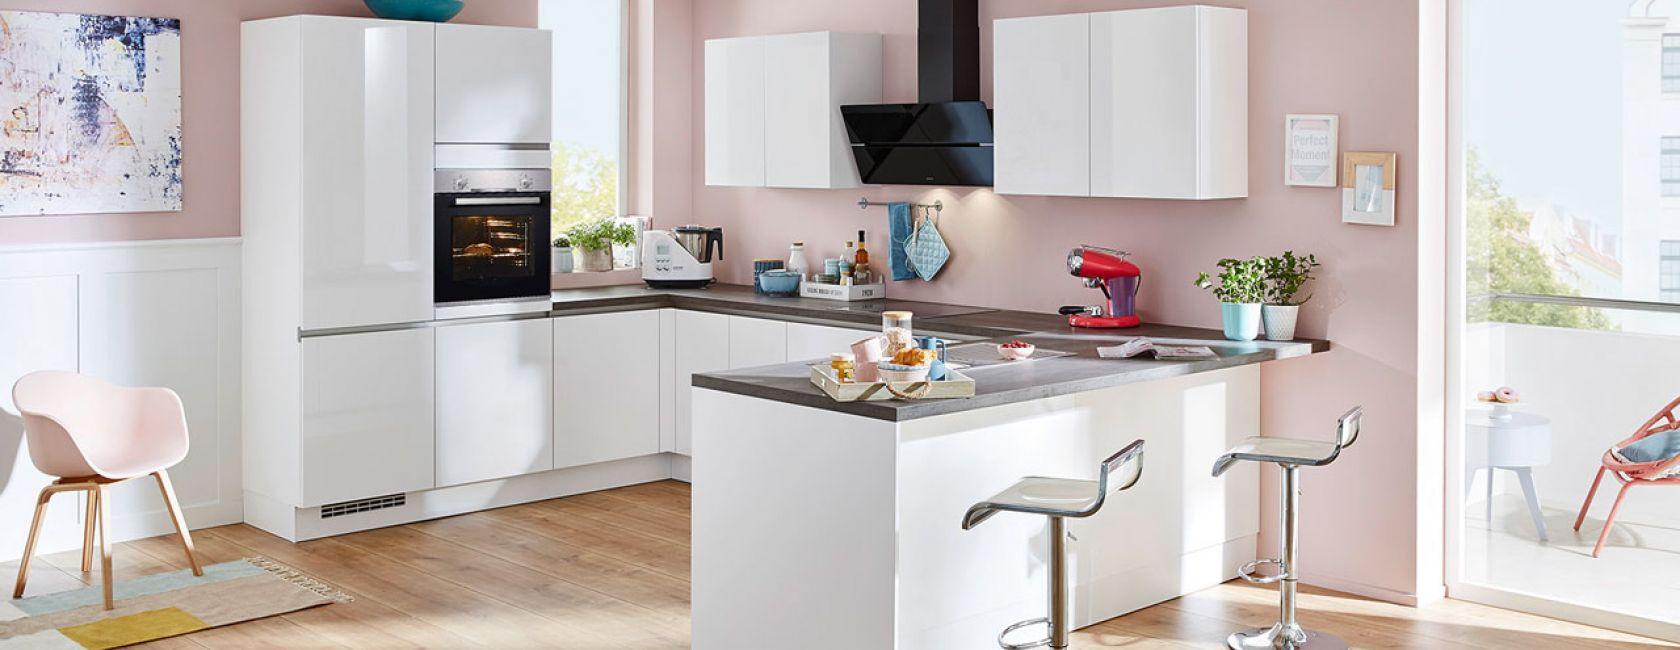 Full Size of Küche U Form Edelstahlküche Gebraucht Ikea Kosten Single Aluminium Verbundplatte Gardinen Für Die Wasserhahn Kaufen Tipps Klapptisch Gebrauchte Verkaufen Wohnzimmer Küche U Form